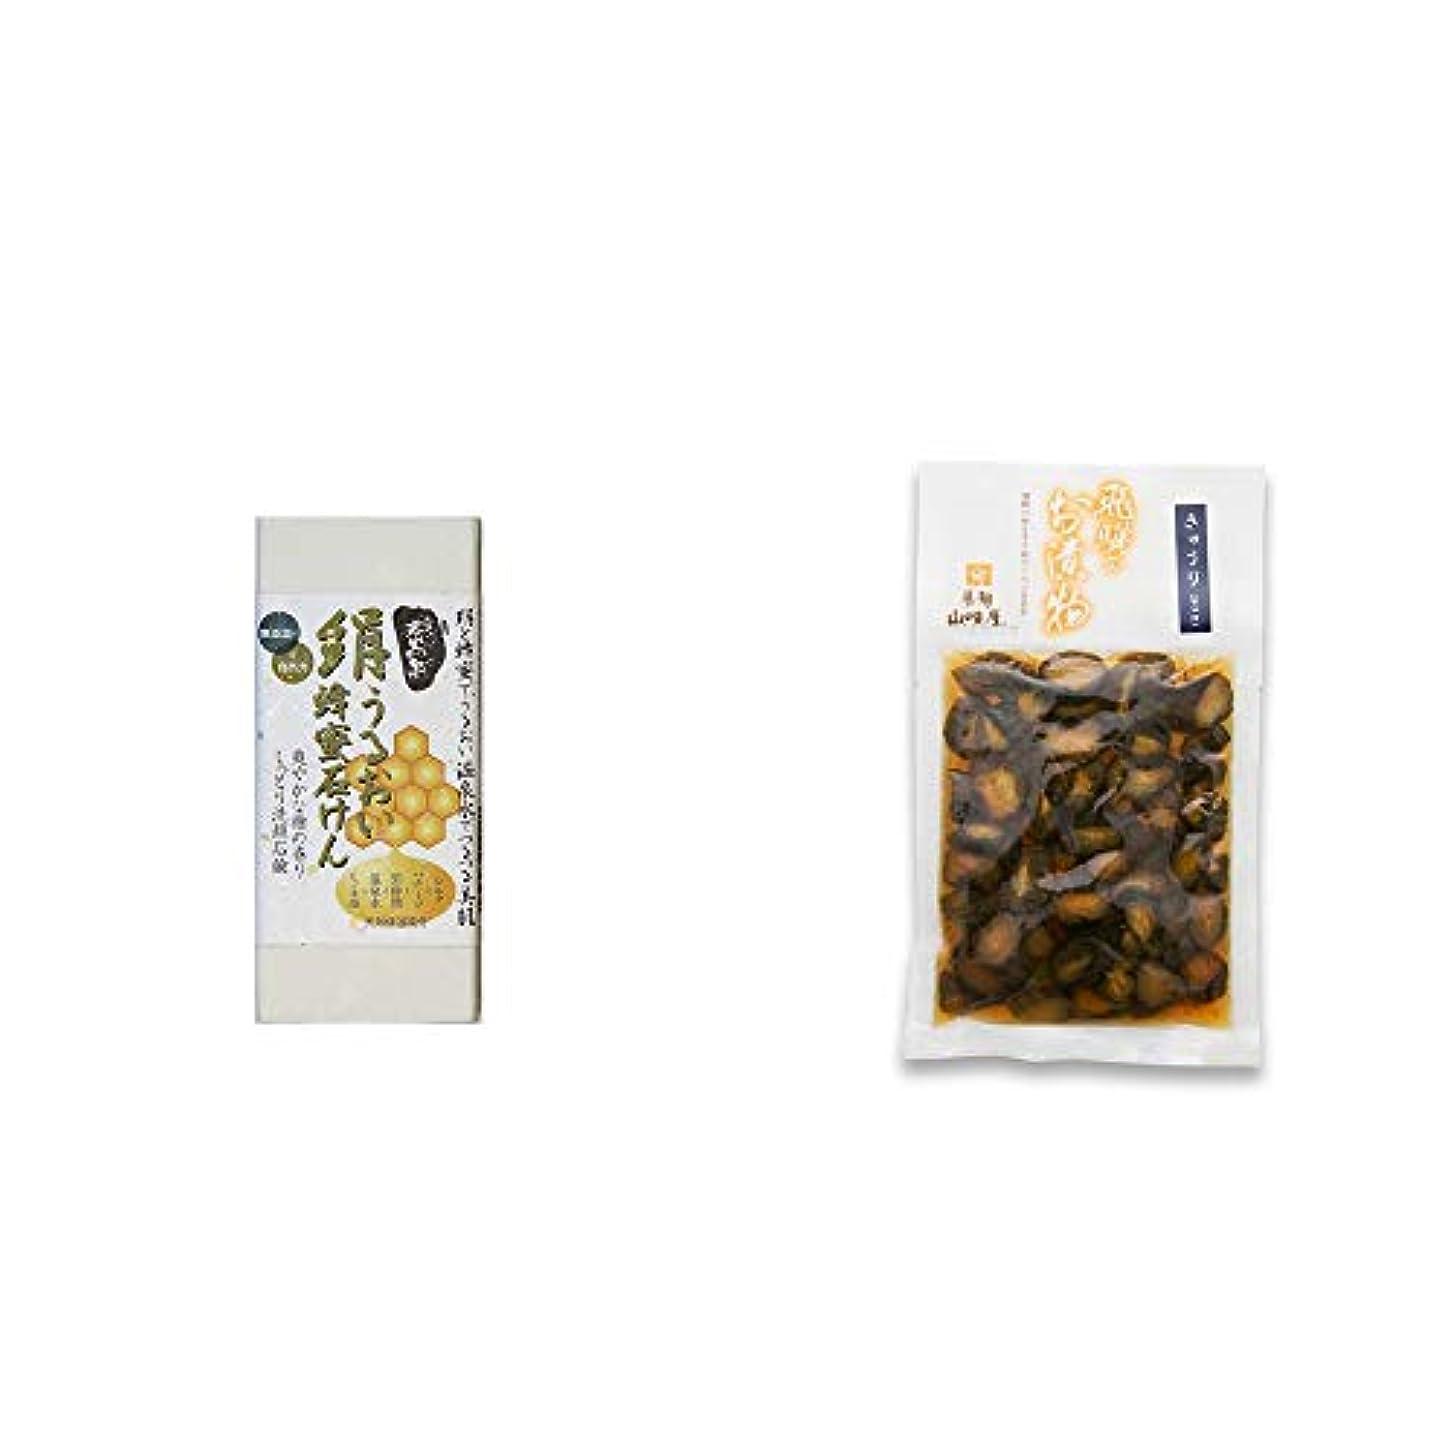 ポール分泌する解釈的[2点セット] ひのき炭黒泉 絹うるおい蜂蜜石けん(75g×2)?飛騨山味屋 きゅうり醤油漬(150g)